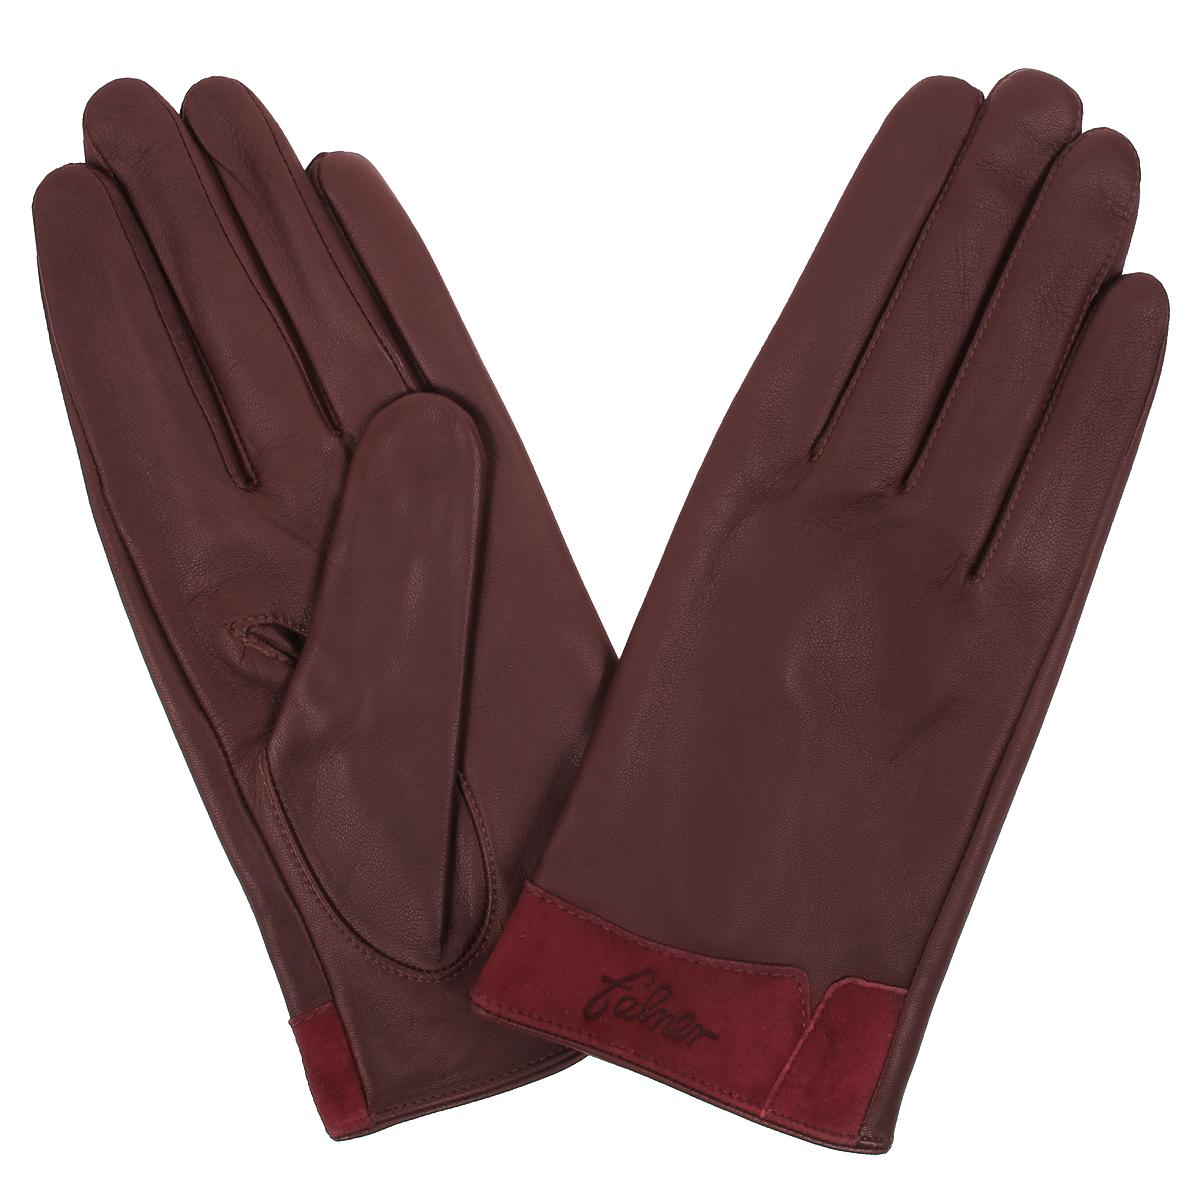 Перчатки женские Falner, цвет: бордовый. L-12. Размер 7,5L-12Стильные женские перчатки Falner с подкладкой из текстиля выполнены из мягкой и приятной на ощупь натуральной кожи.Манжеты с лицевой стороны выполнены из замши. С тыльной стороны манжеты дополнены небольшими разрезами.Такие перчатки подчеркнут ваш стиль и неповторимость и придадут всему образу нотки женственности и элегантности.